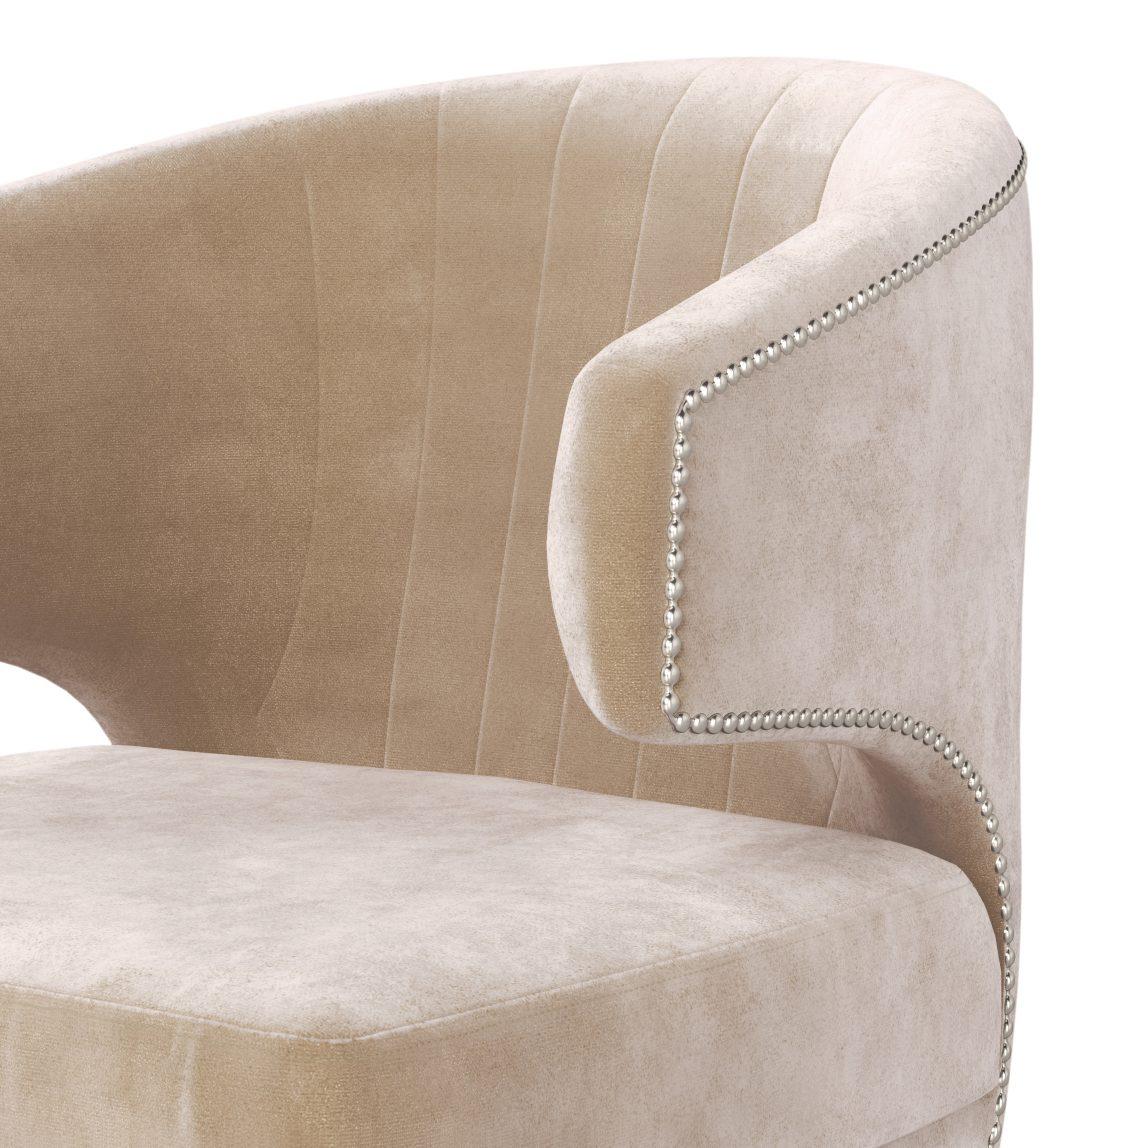 Бежевое ар-деко дизайнерское кресло Феликс. Копия реплика Irbis Brabbu Браббу